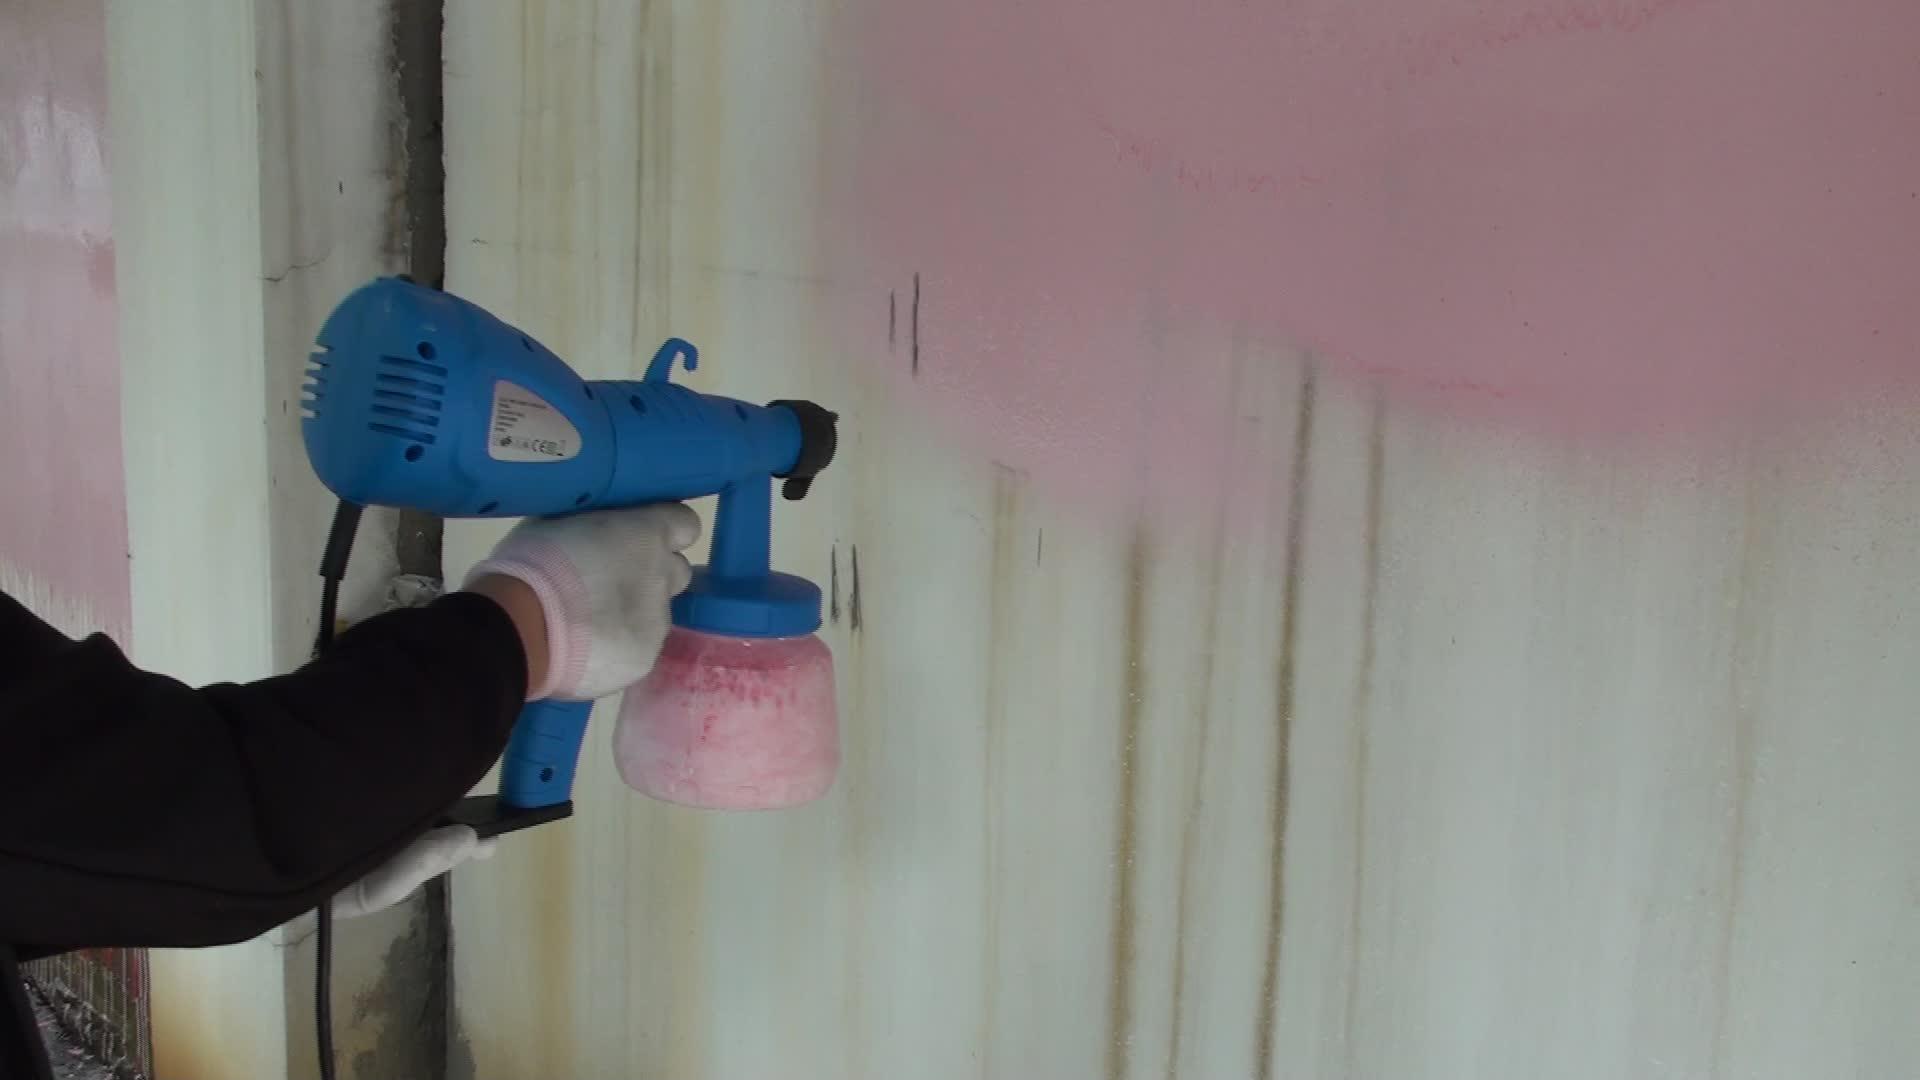 600 W 전기 HVLP 페인트 분무기 손으로 페인트 분무기 기계